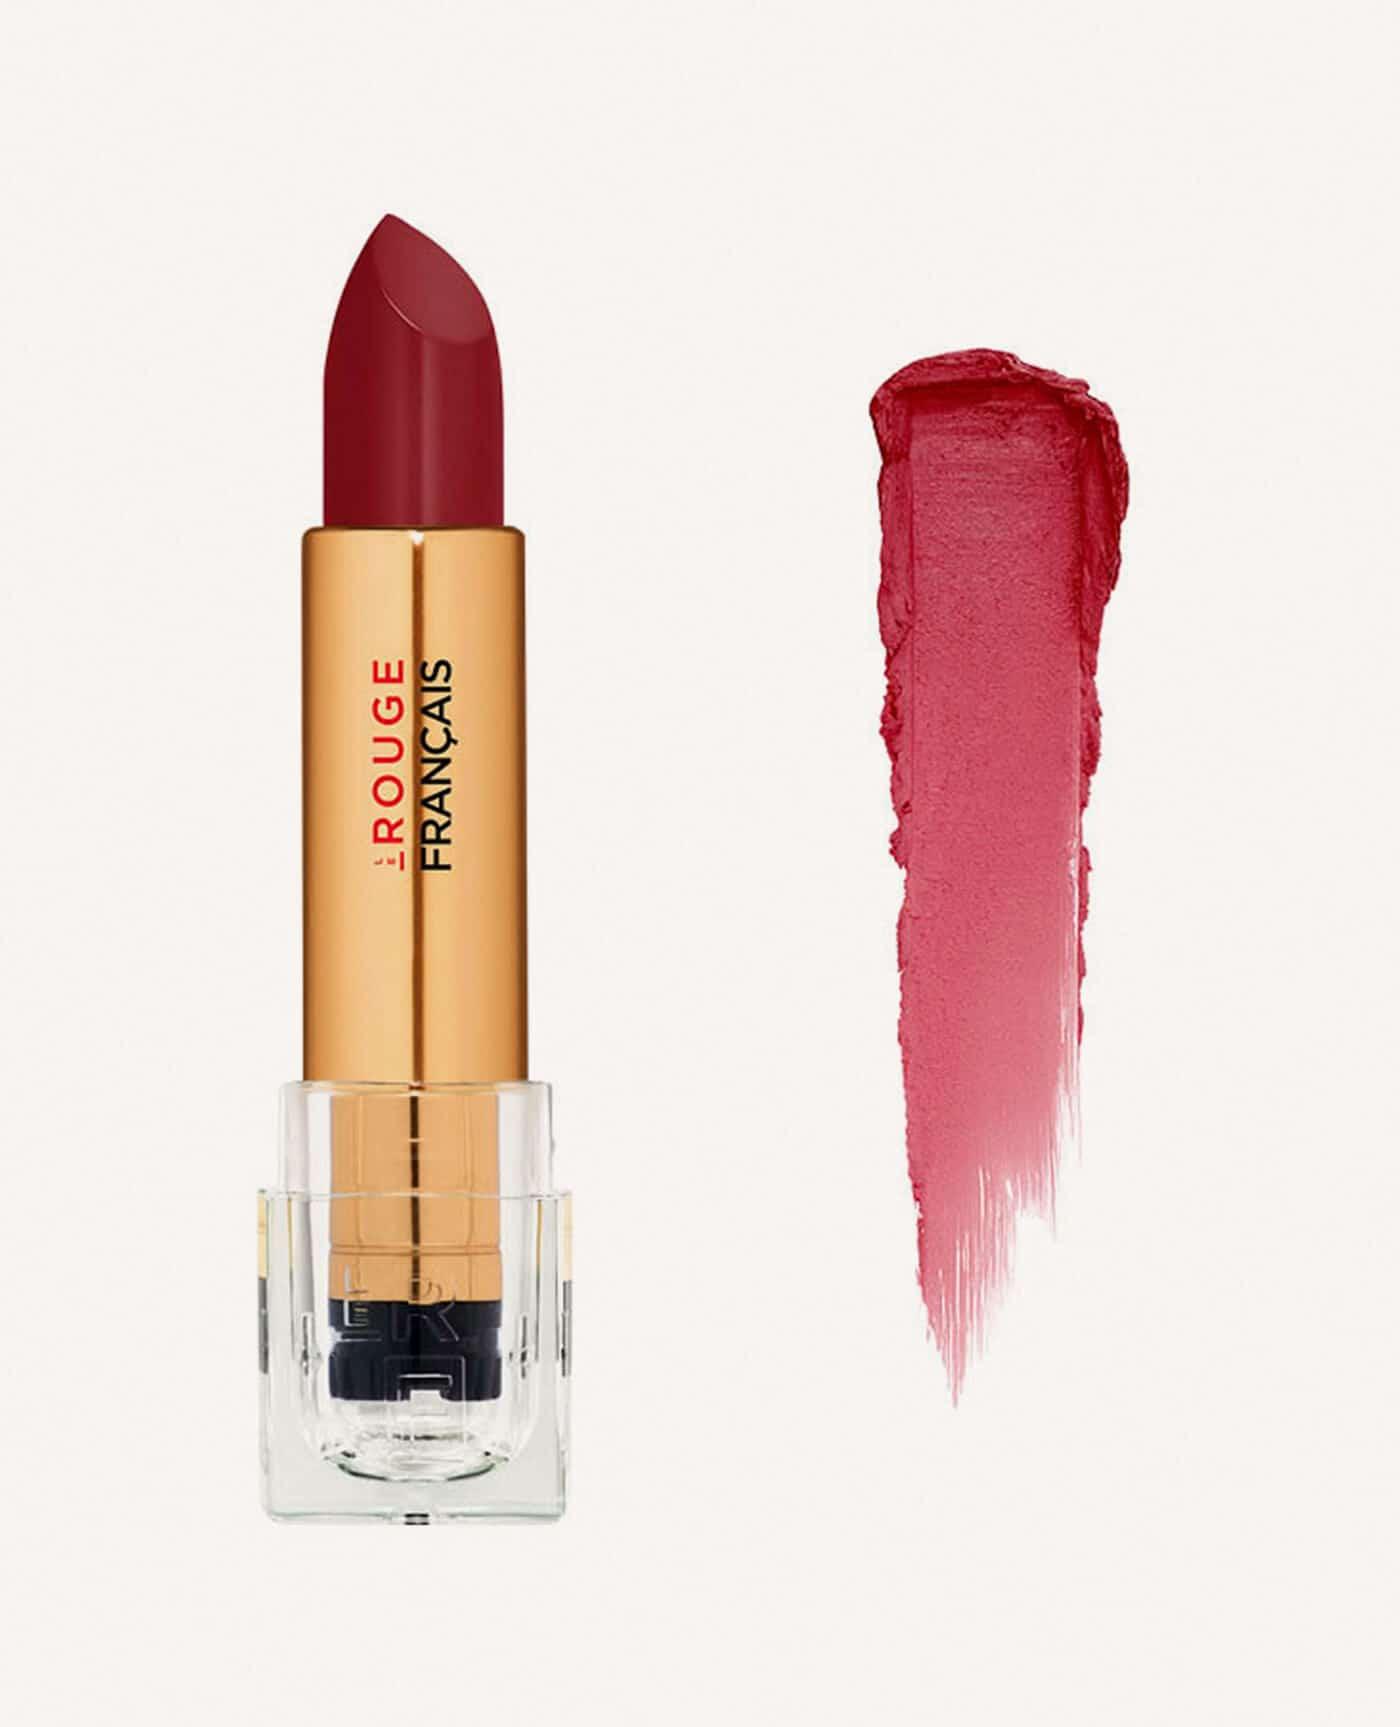 Rouge à lèvres rechargeable Le rouge français bio et vegan couleur rouge de la marque Le rouge Français Made in France